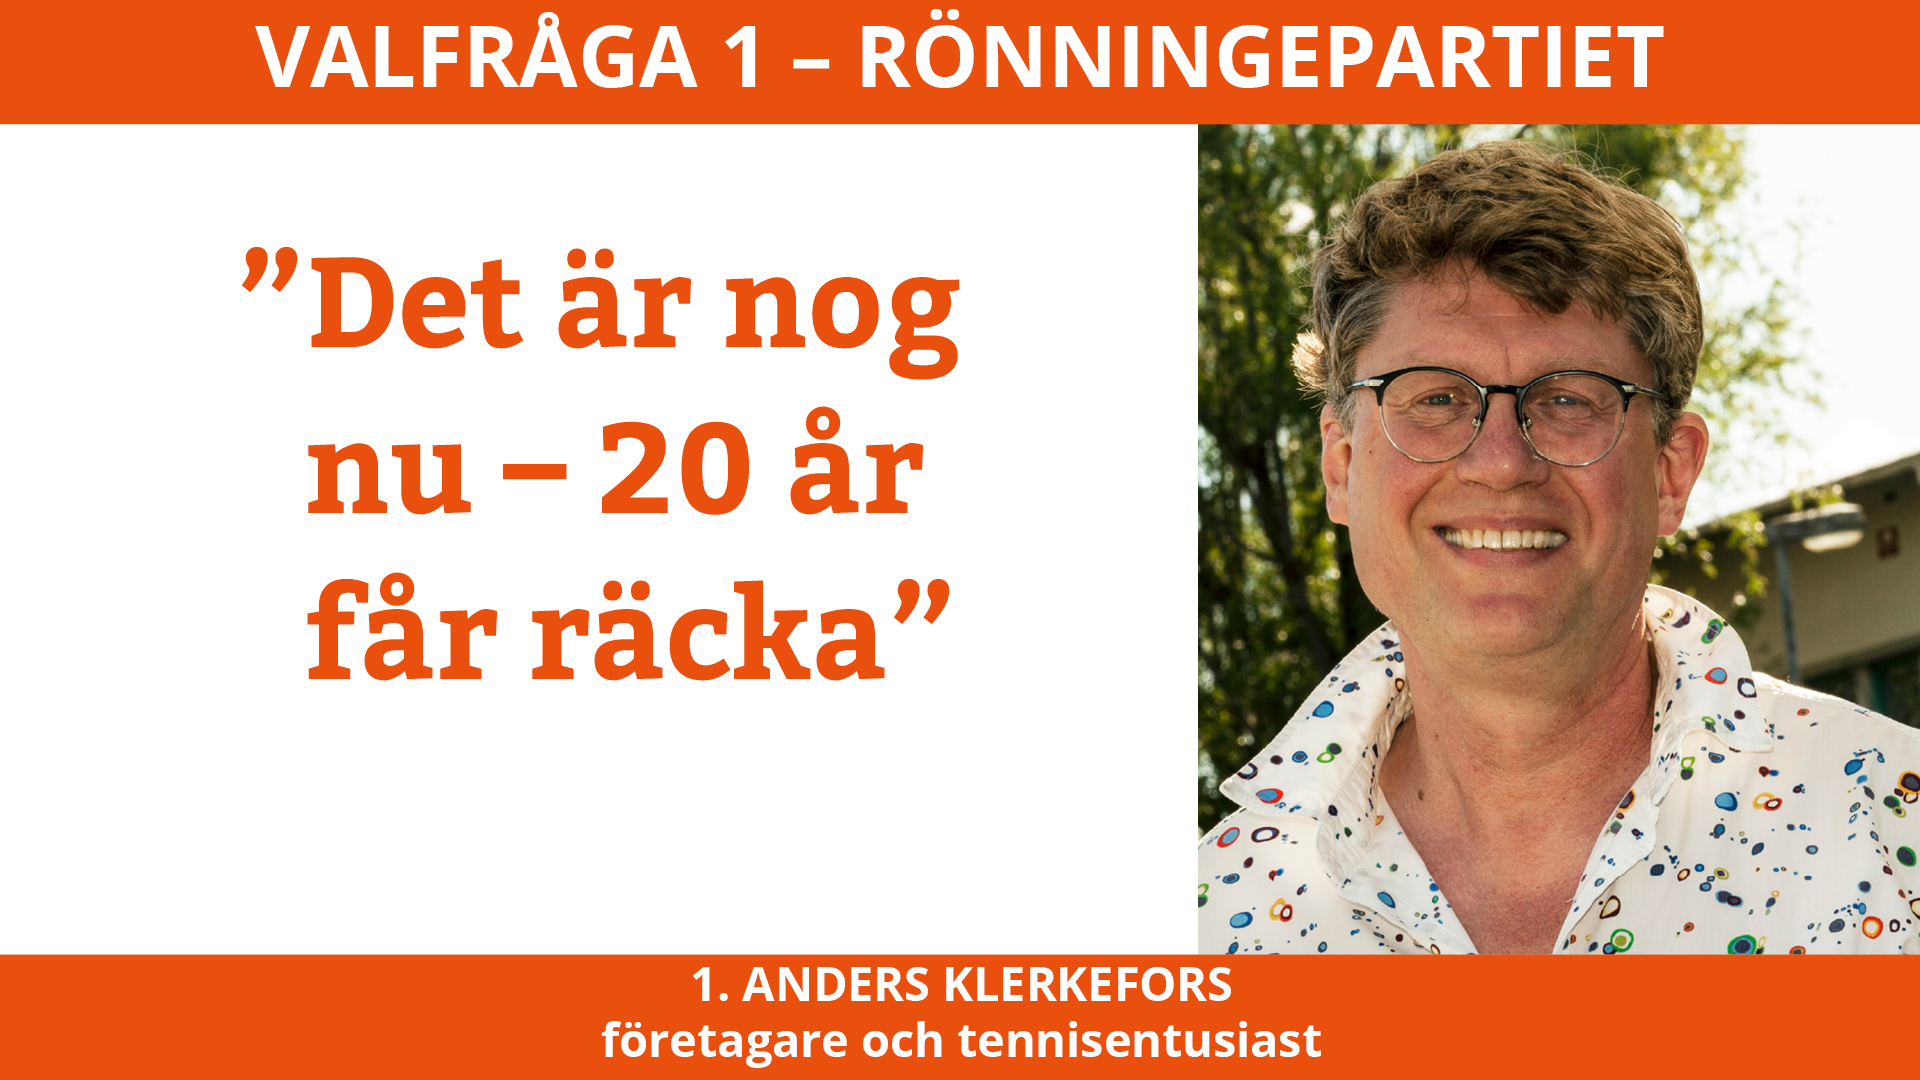 Valfråga 1 Anders Klerkefors Rönningepartiet